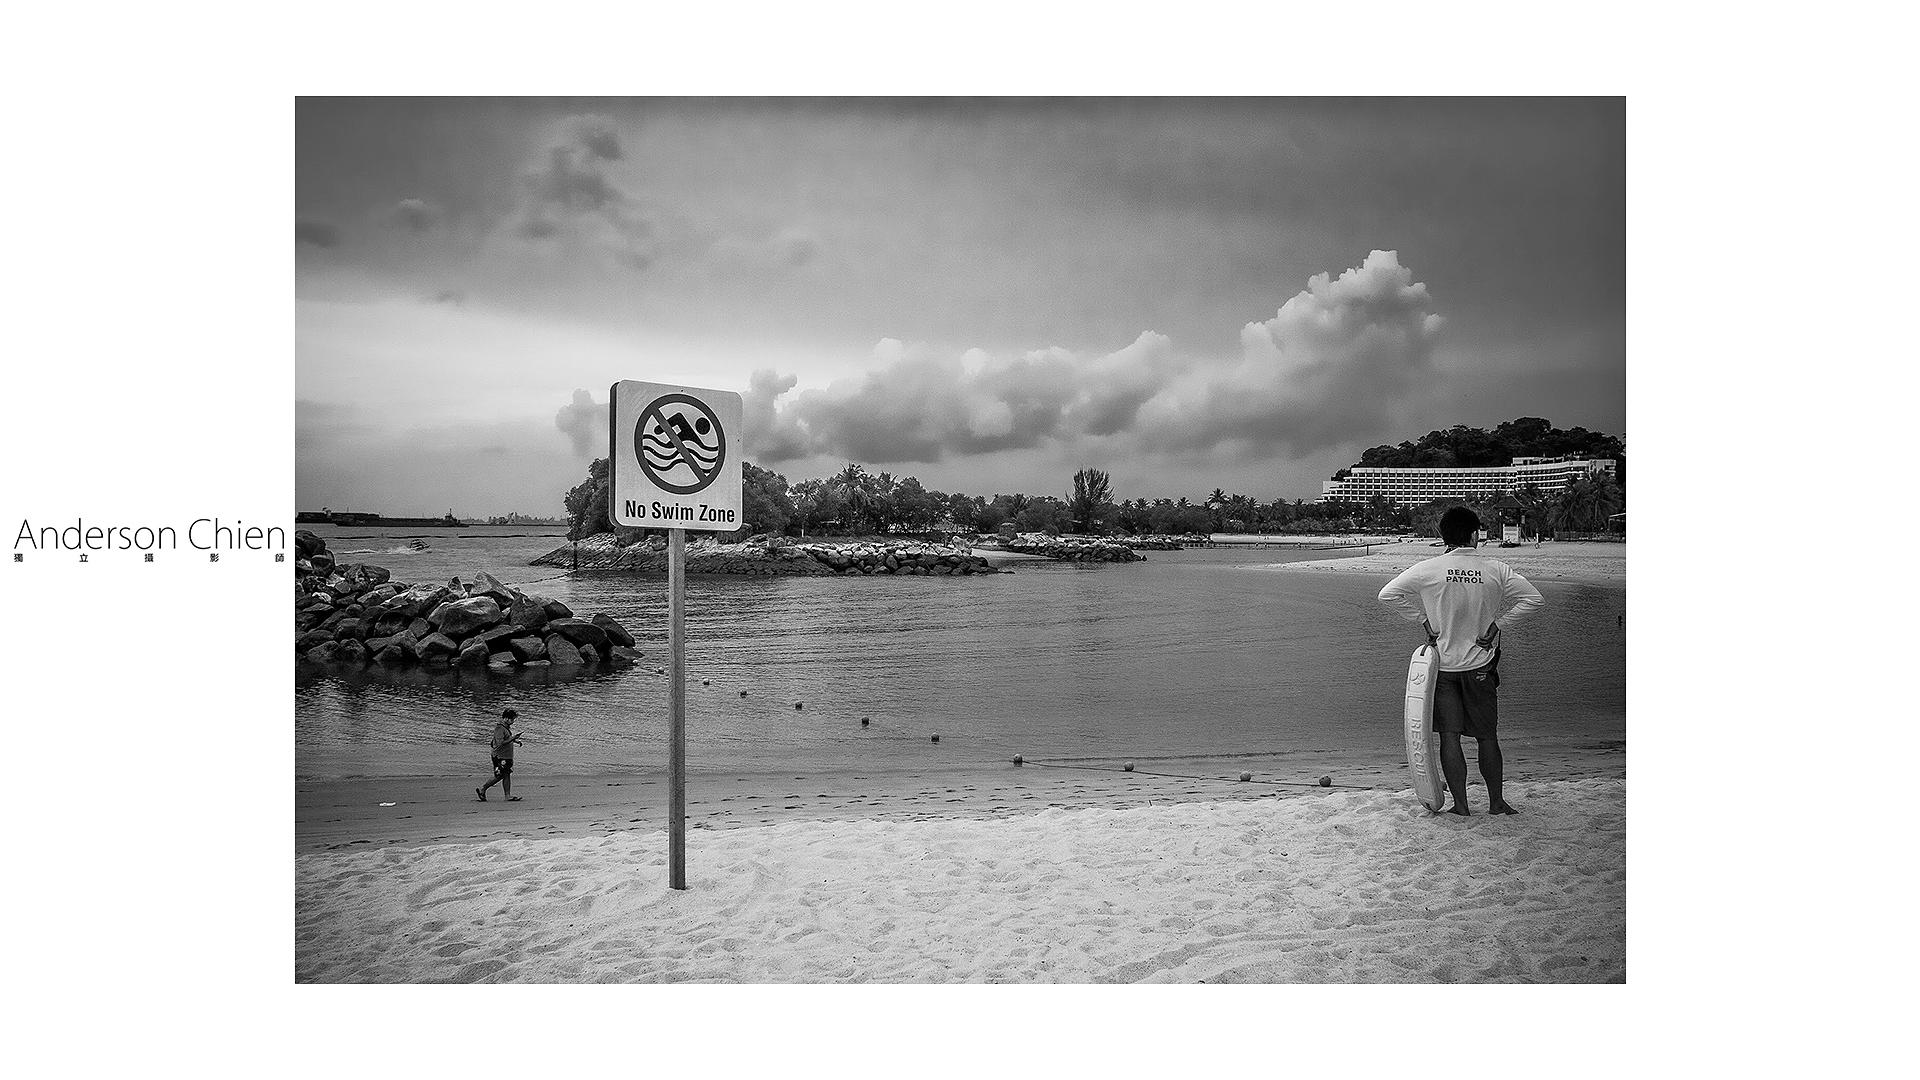 獨立攝影師 Anderson Chien | 獨立婚紗 | 自助婚紗 | 婚禮紀實 | 平面攝影 | 婚禮紀錄 | 海外婚紗 | 自主婚紗